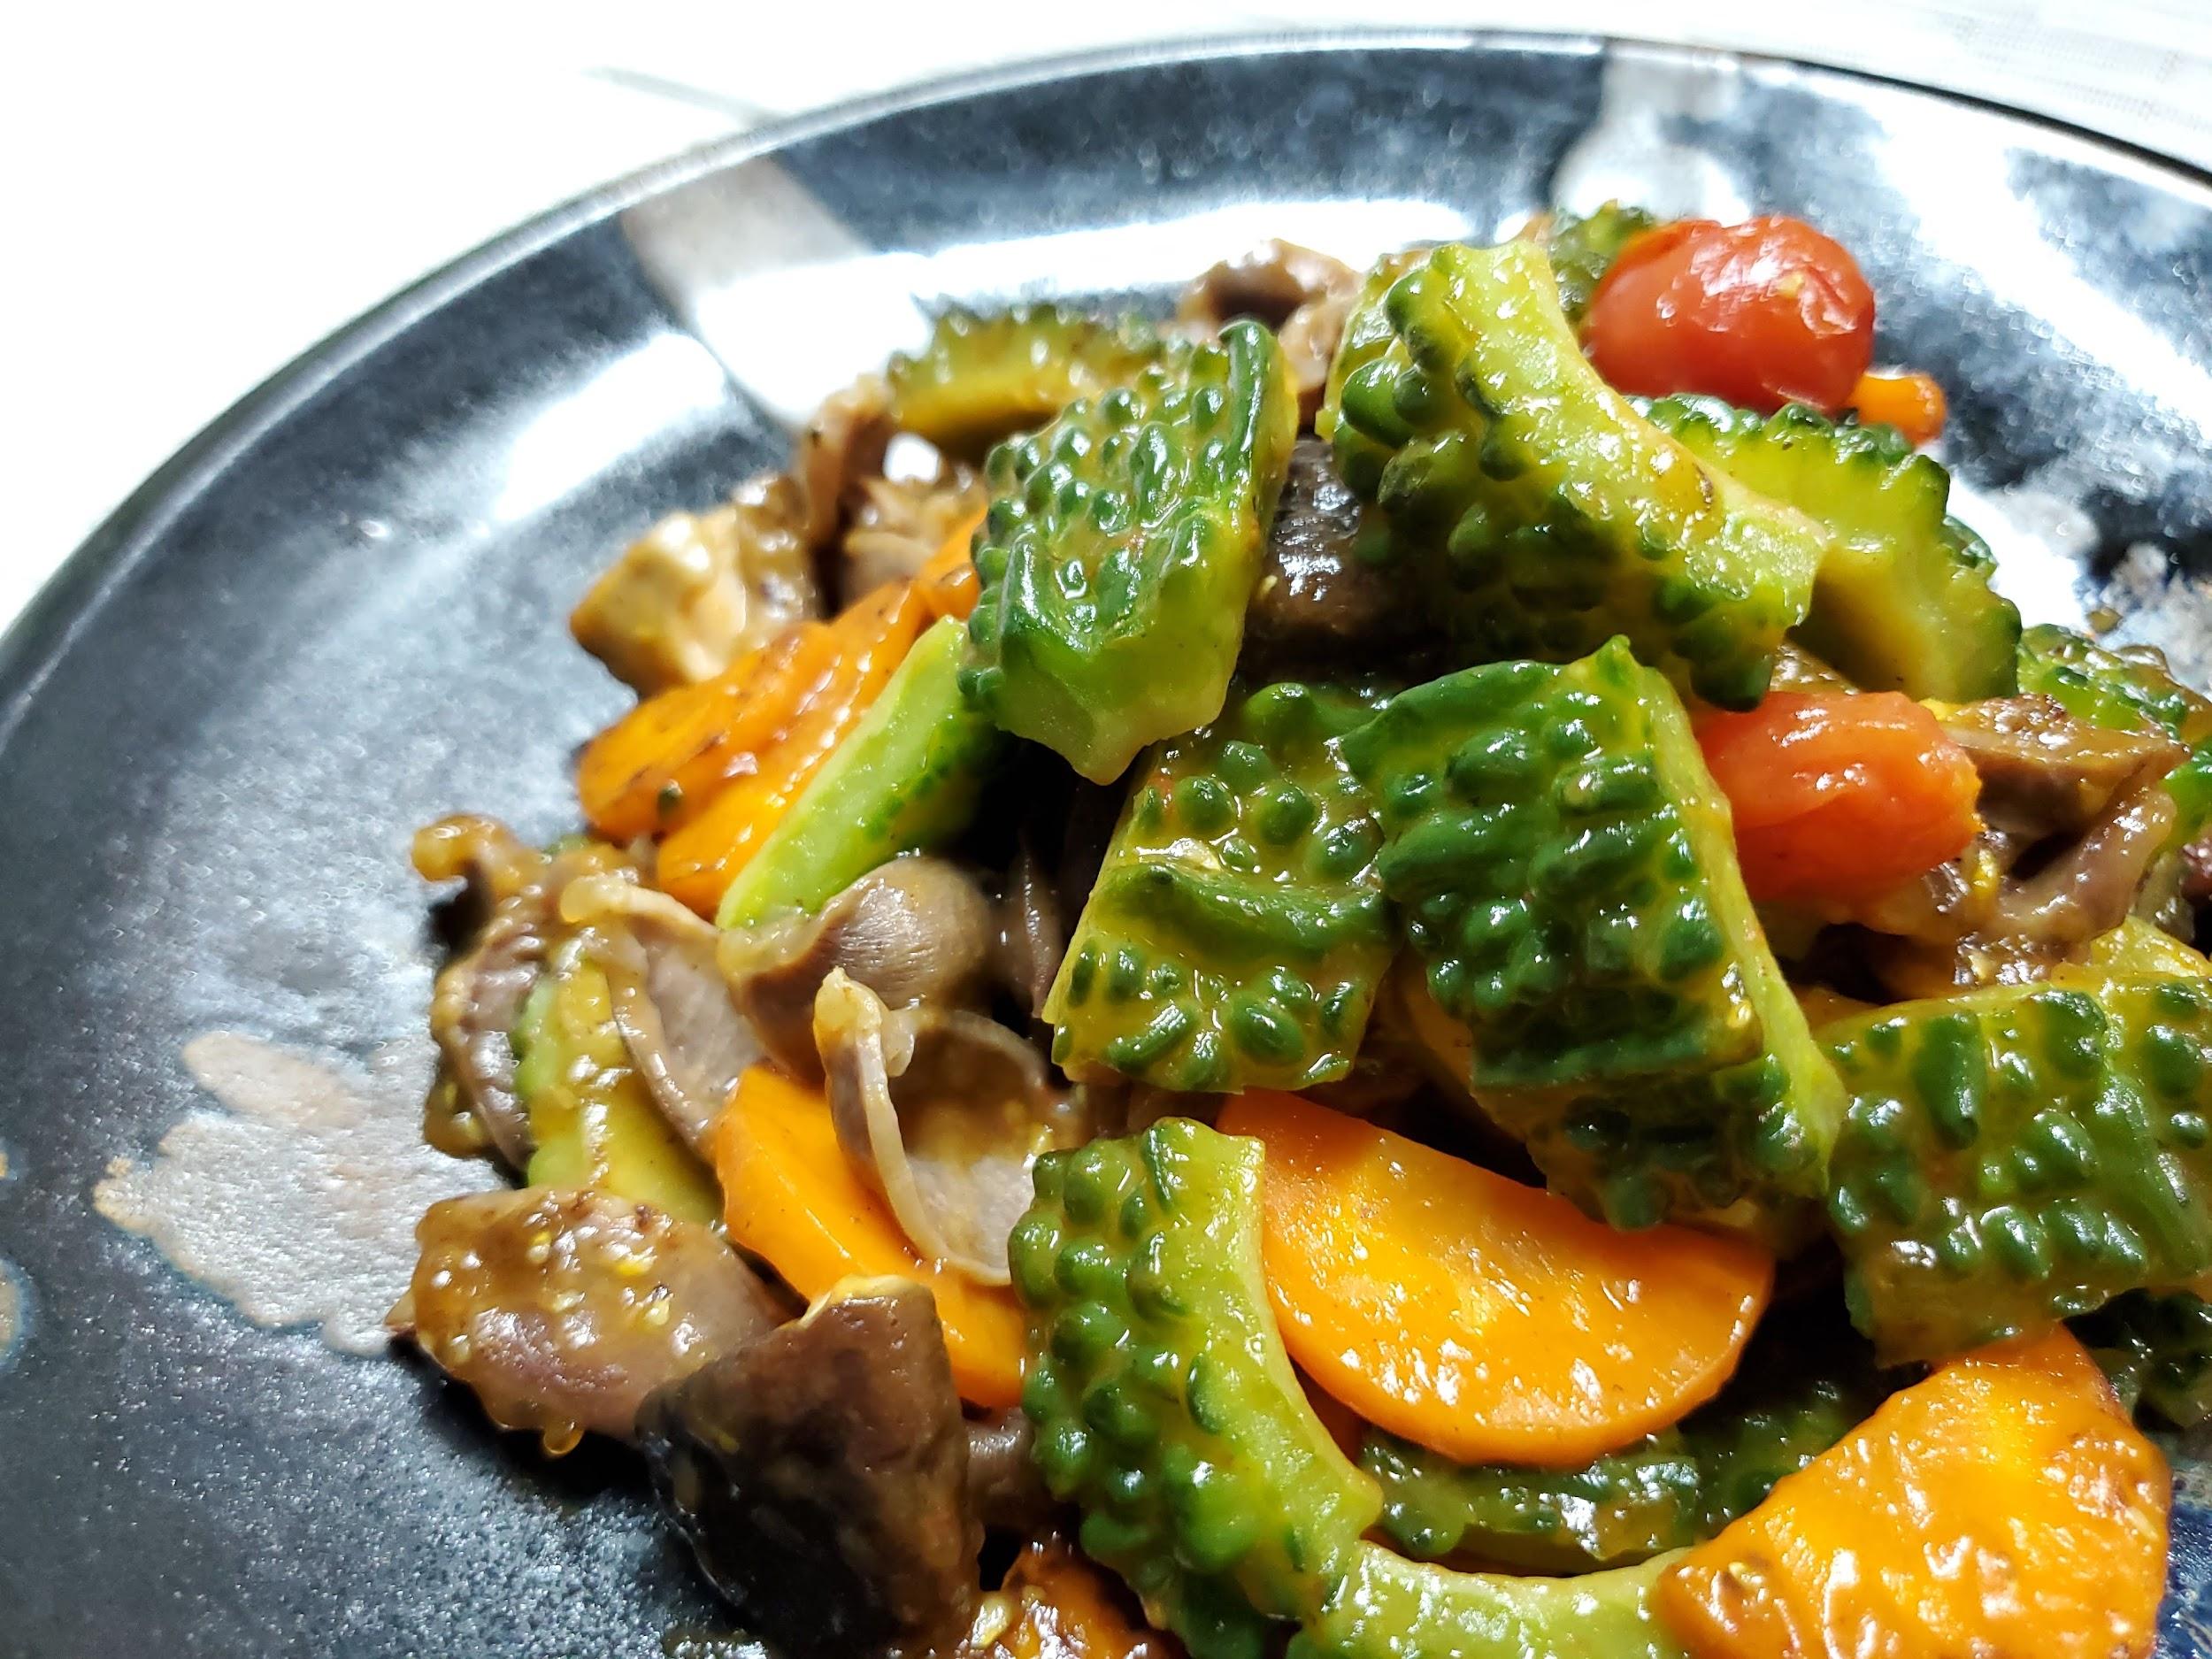 【夏の食養生】熱を冷ます食材で!ゴーヤーと砂肝の黒酢炒め